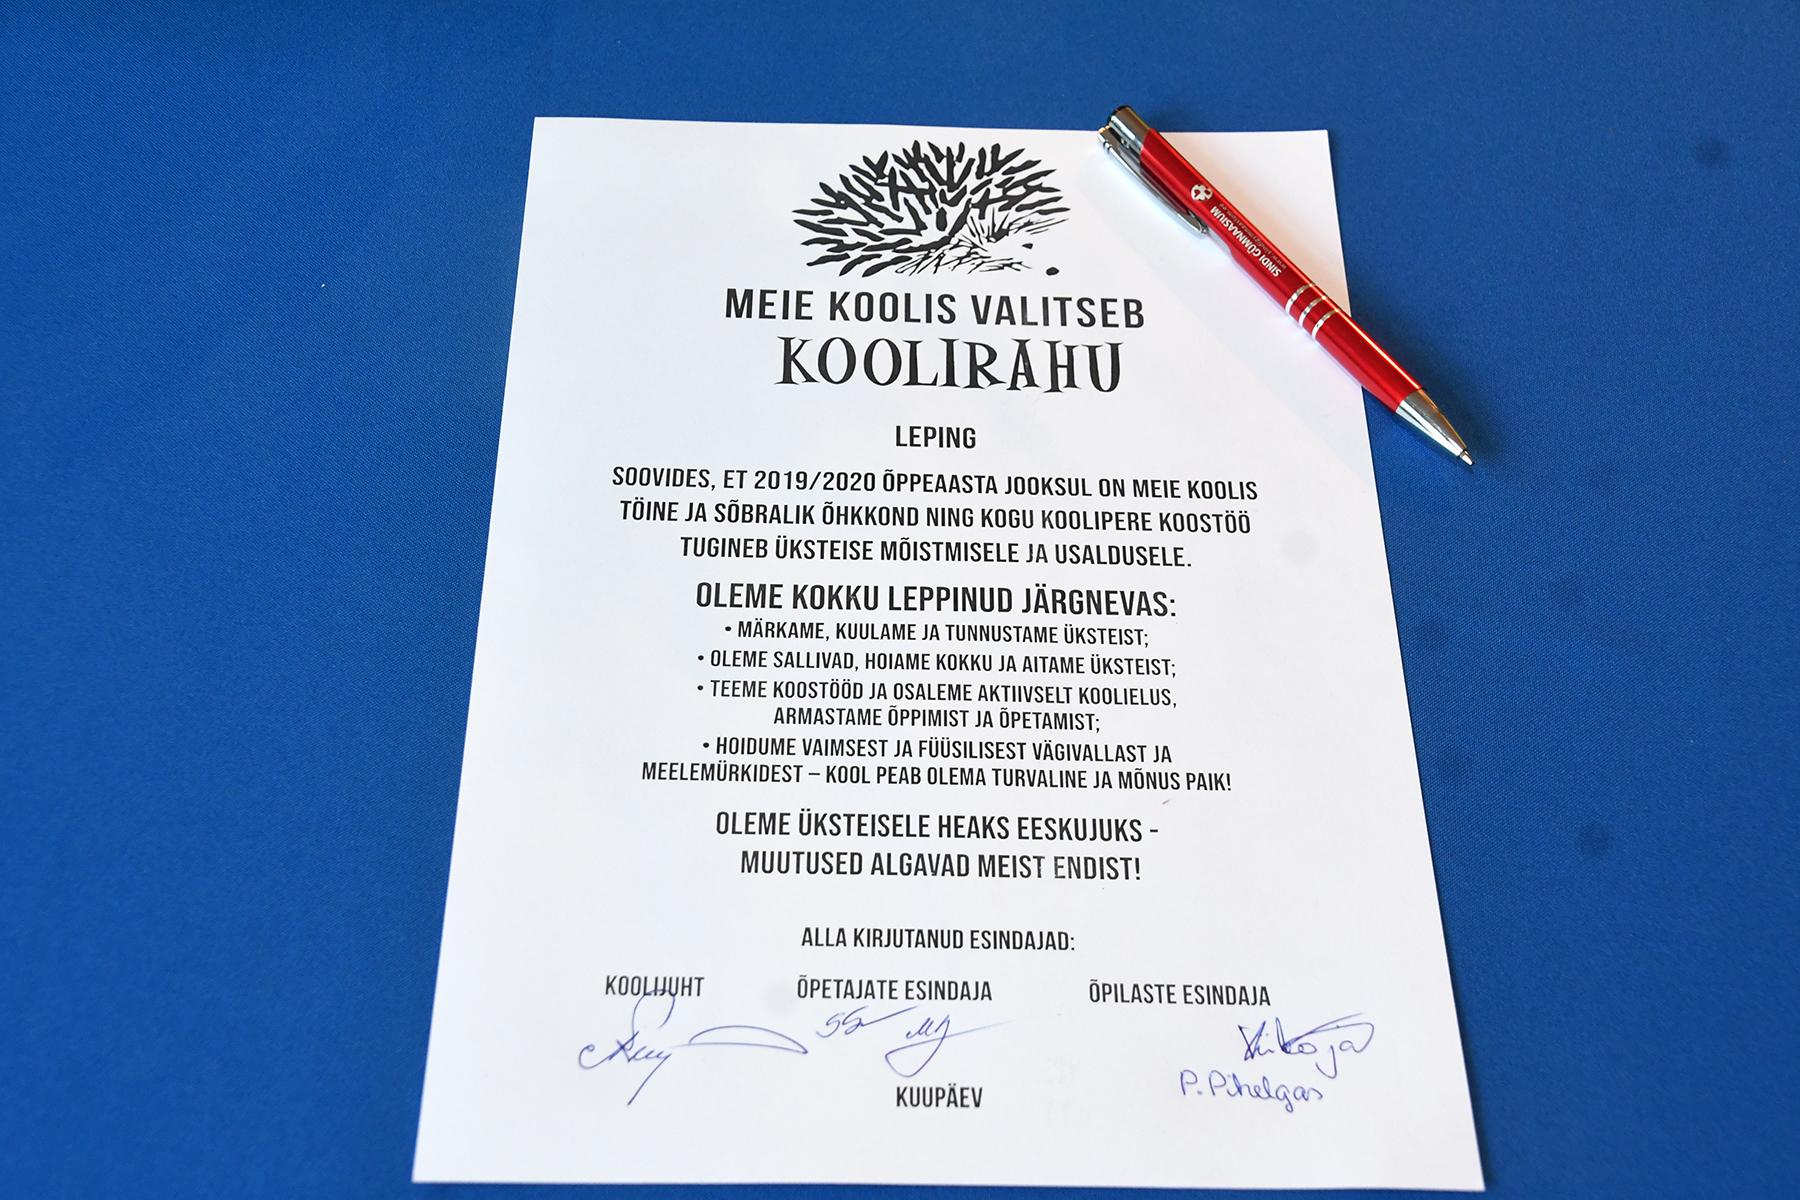 Sindi gümnaasiumis sõlmitud Koolirahu leping, 02.09.2019. Foto Urmas Saard